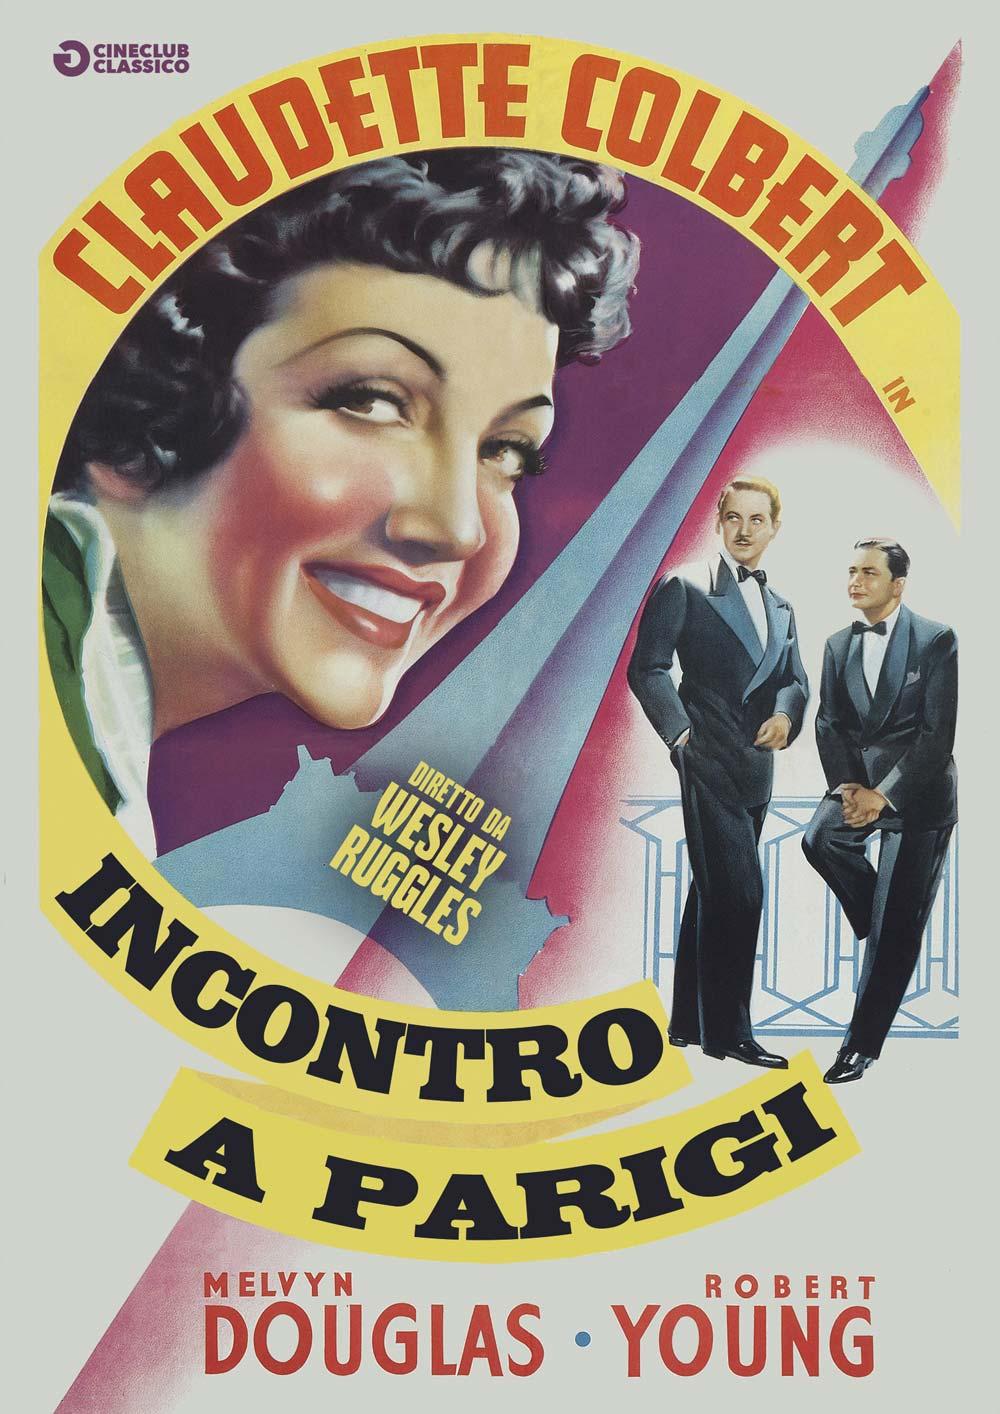 INCONTRO A PARIGI (DVD)